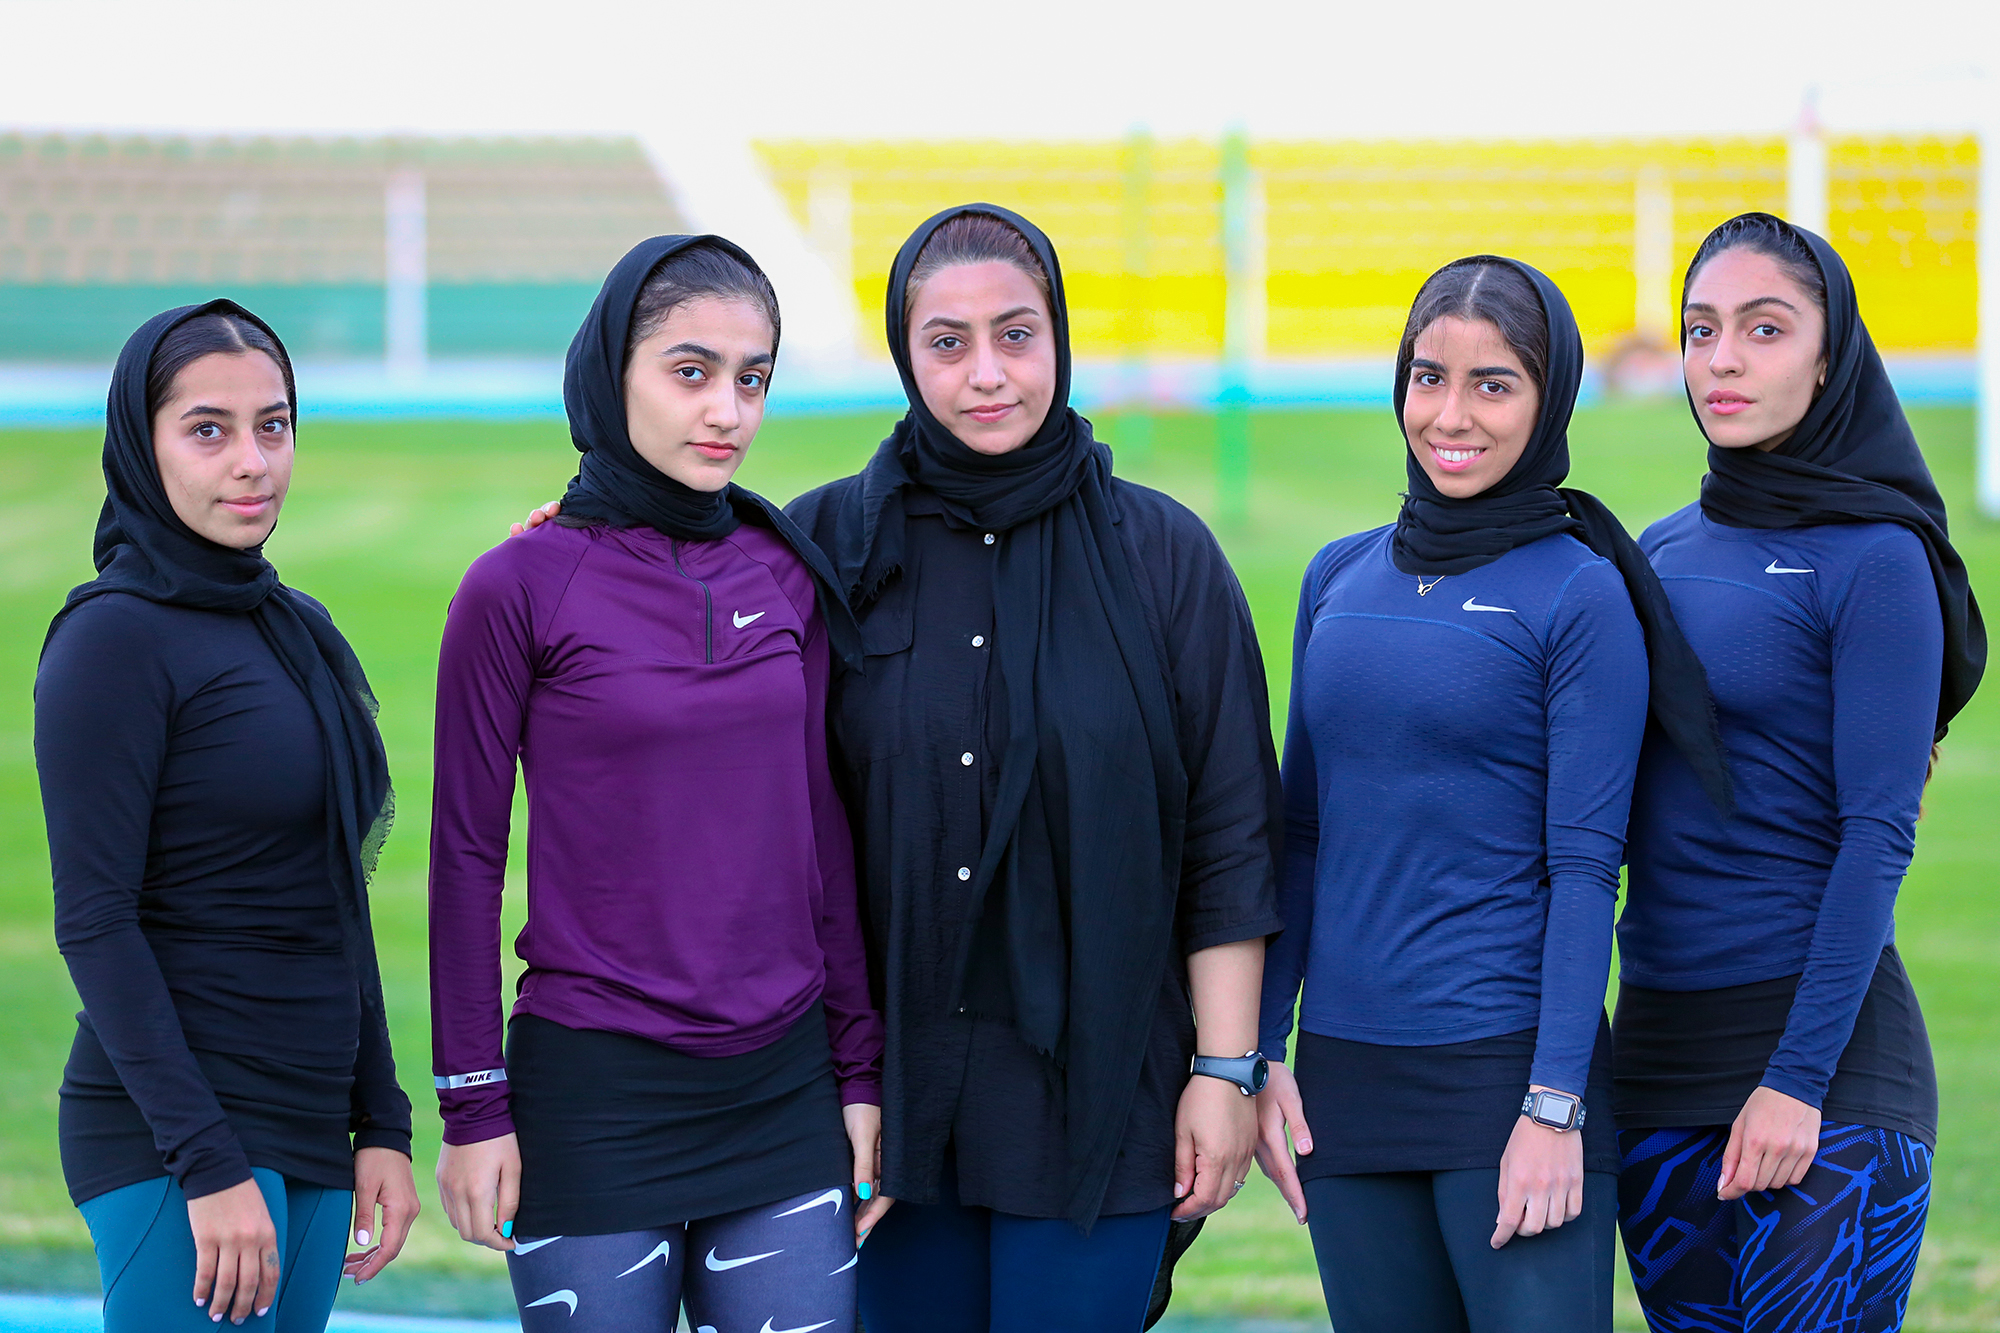 مقام چهارمی تیم دو و میدانی بانوان کیش در جام بین المللی امام رضا(ع)